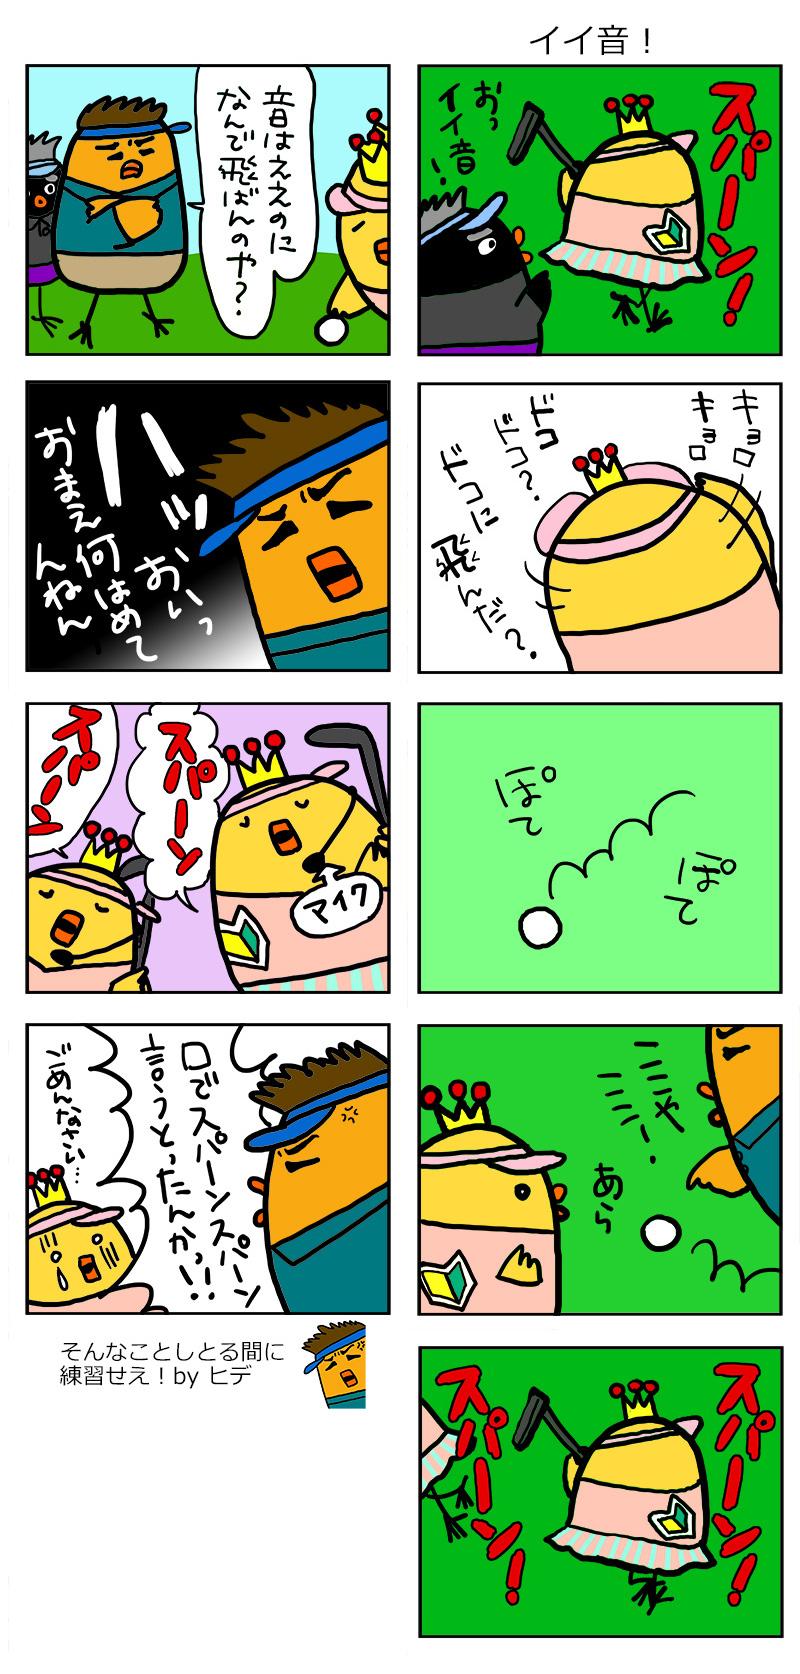 10_hina.jpg